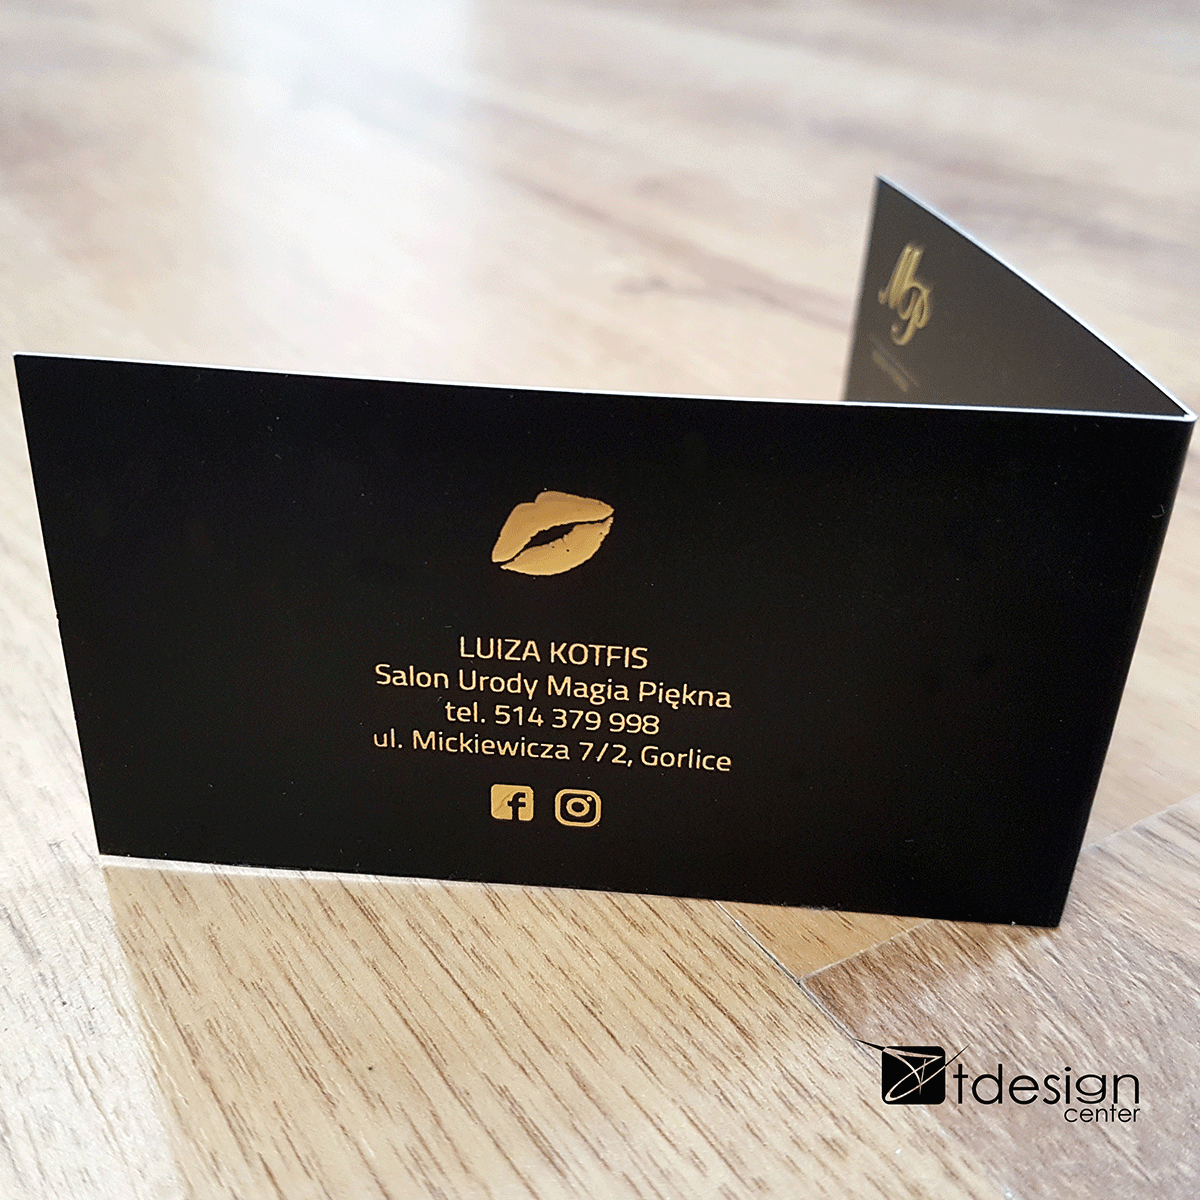 Wizytówka składana z dodatkowym uszlachetnieniem LIQUID GOLD 3D 1/0, projekt + druk, realizacja dla Magii Piękna